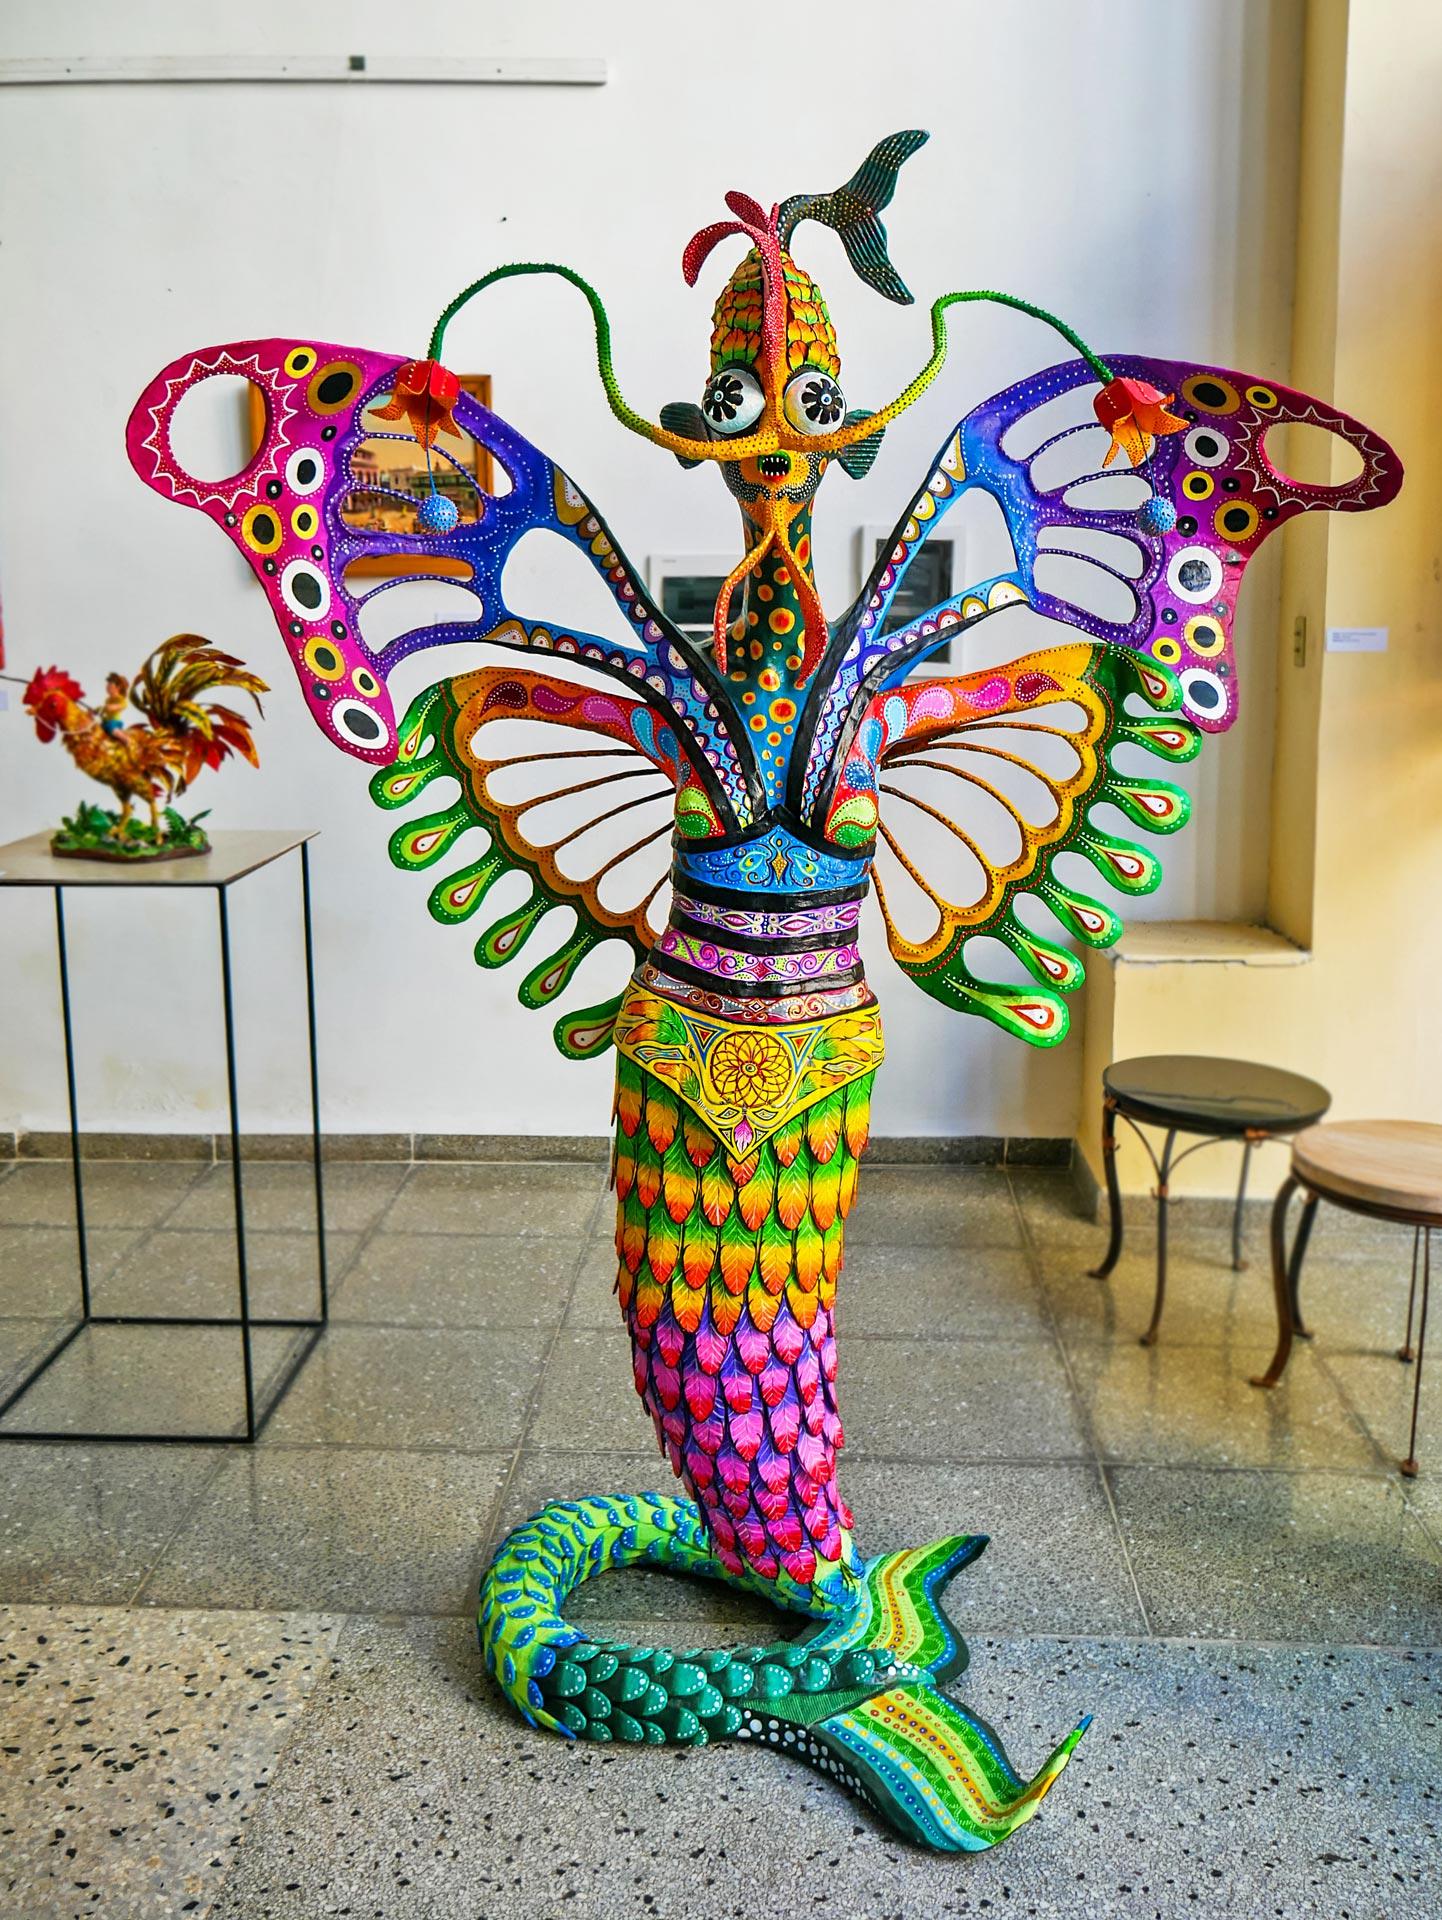 Colorful art sculpture made of papier-mâché in Galeria Manos in Havana, Cuba